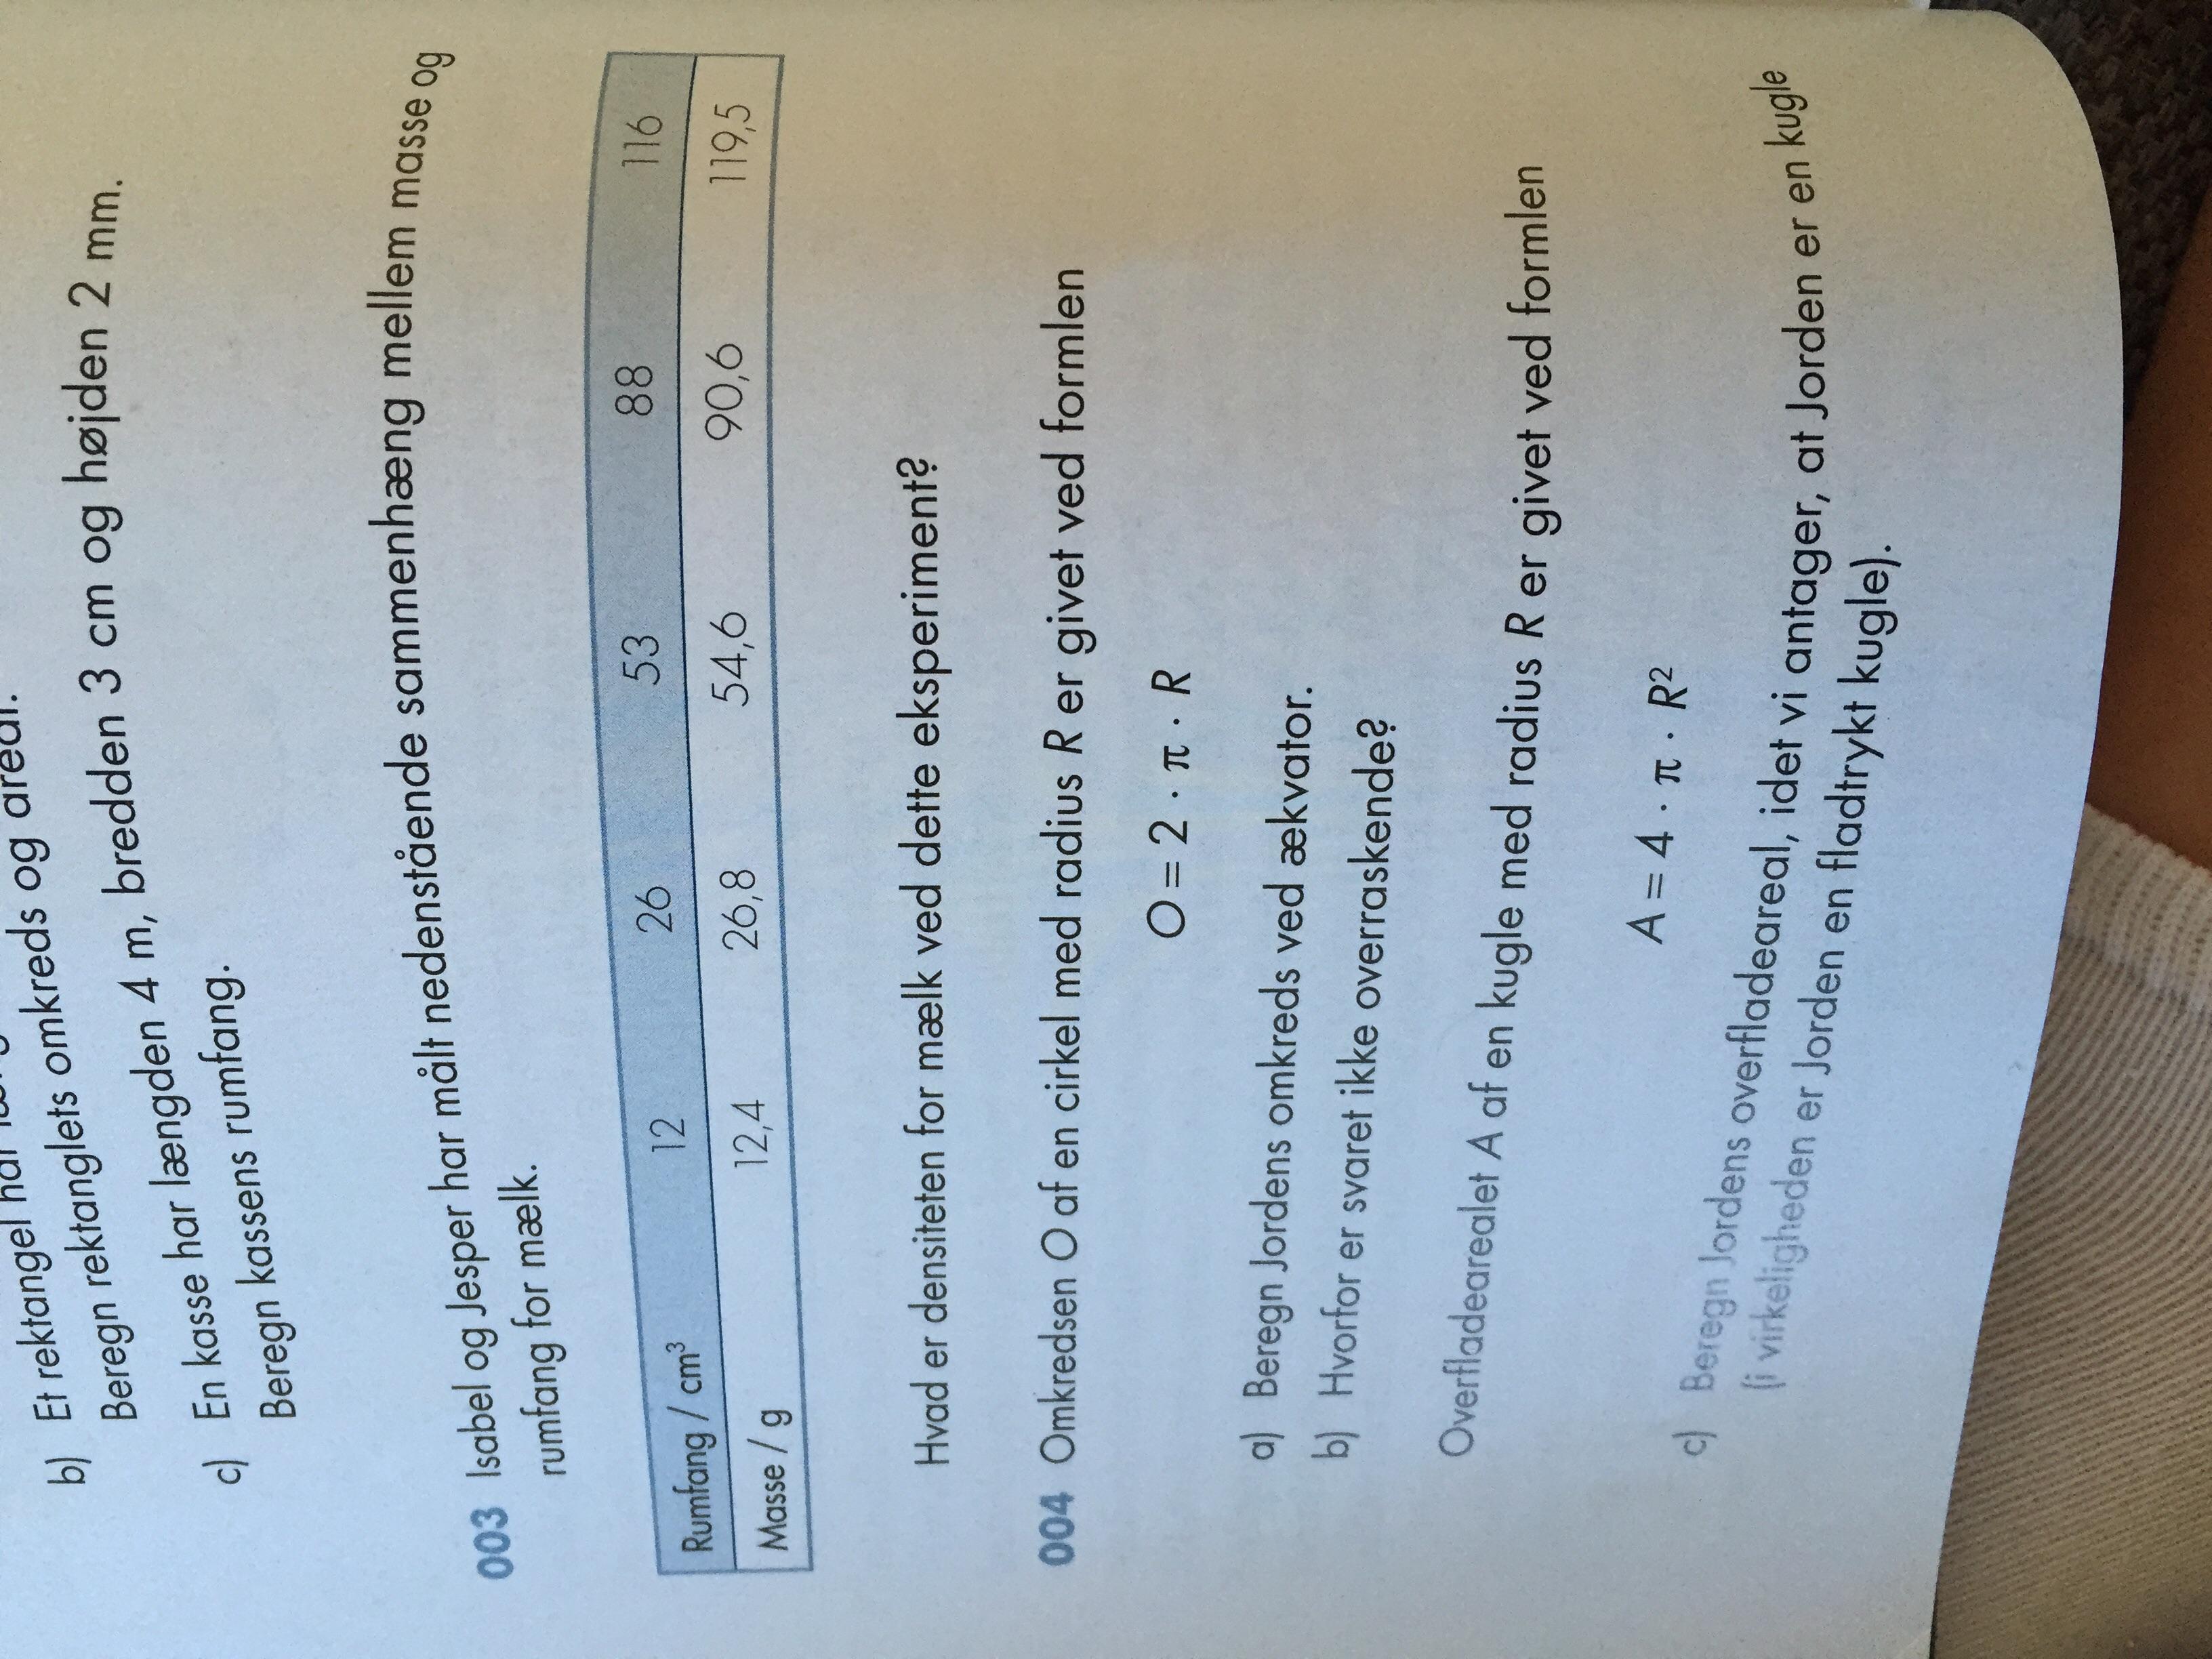 fysik hjælp